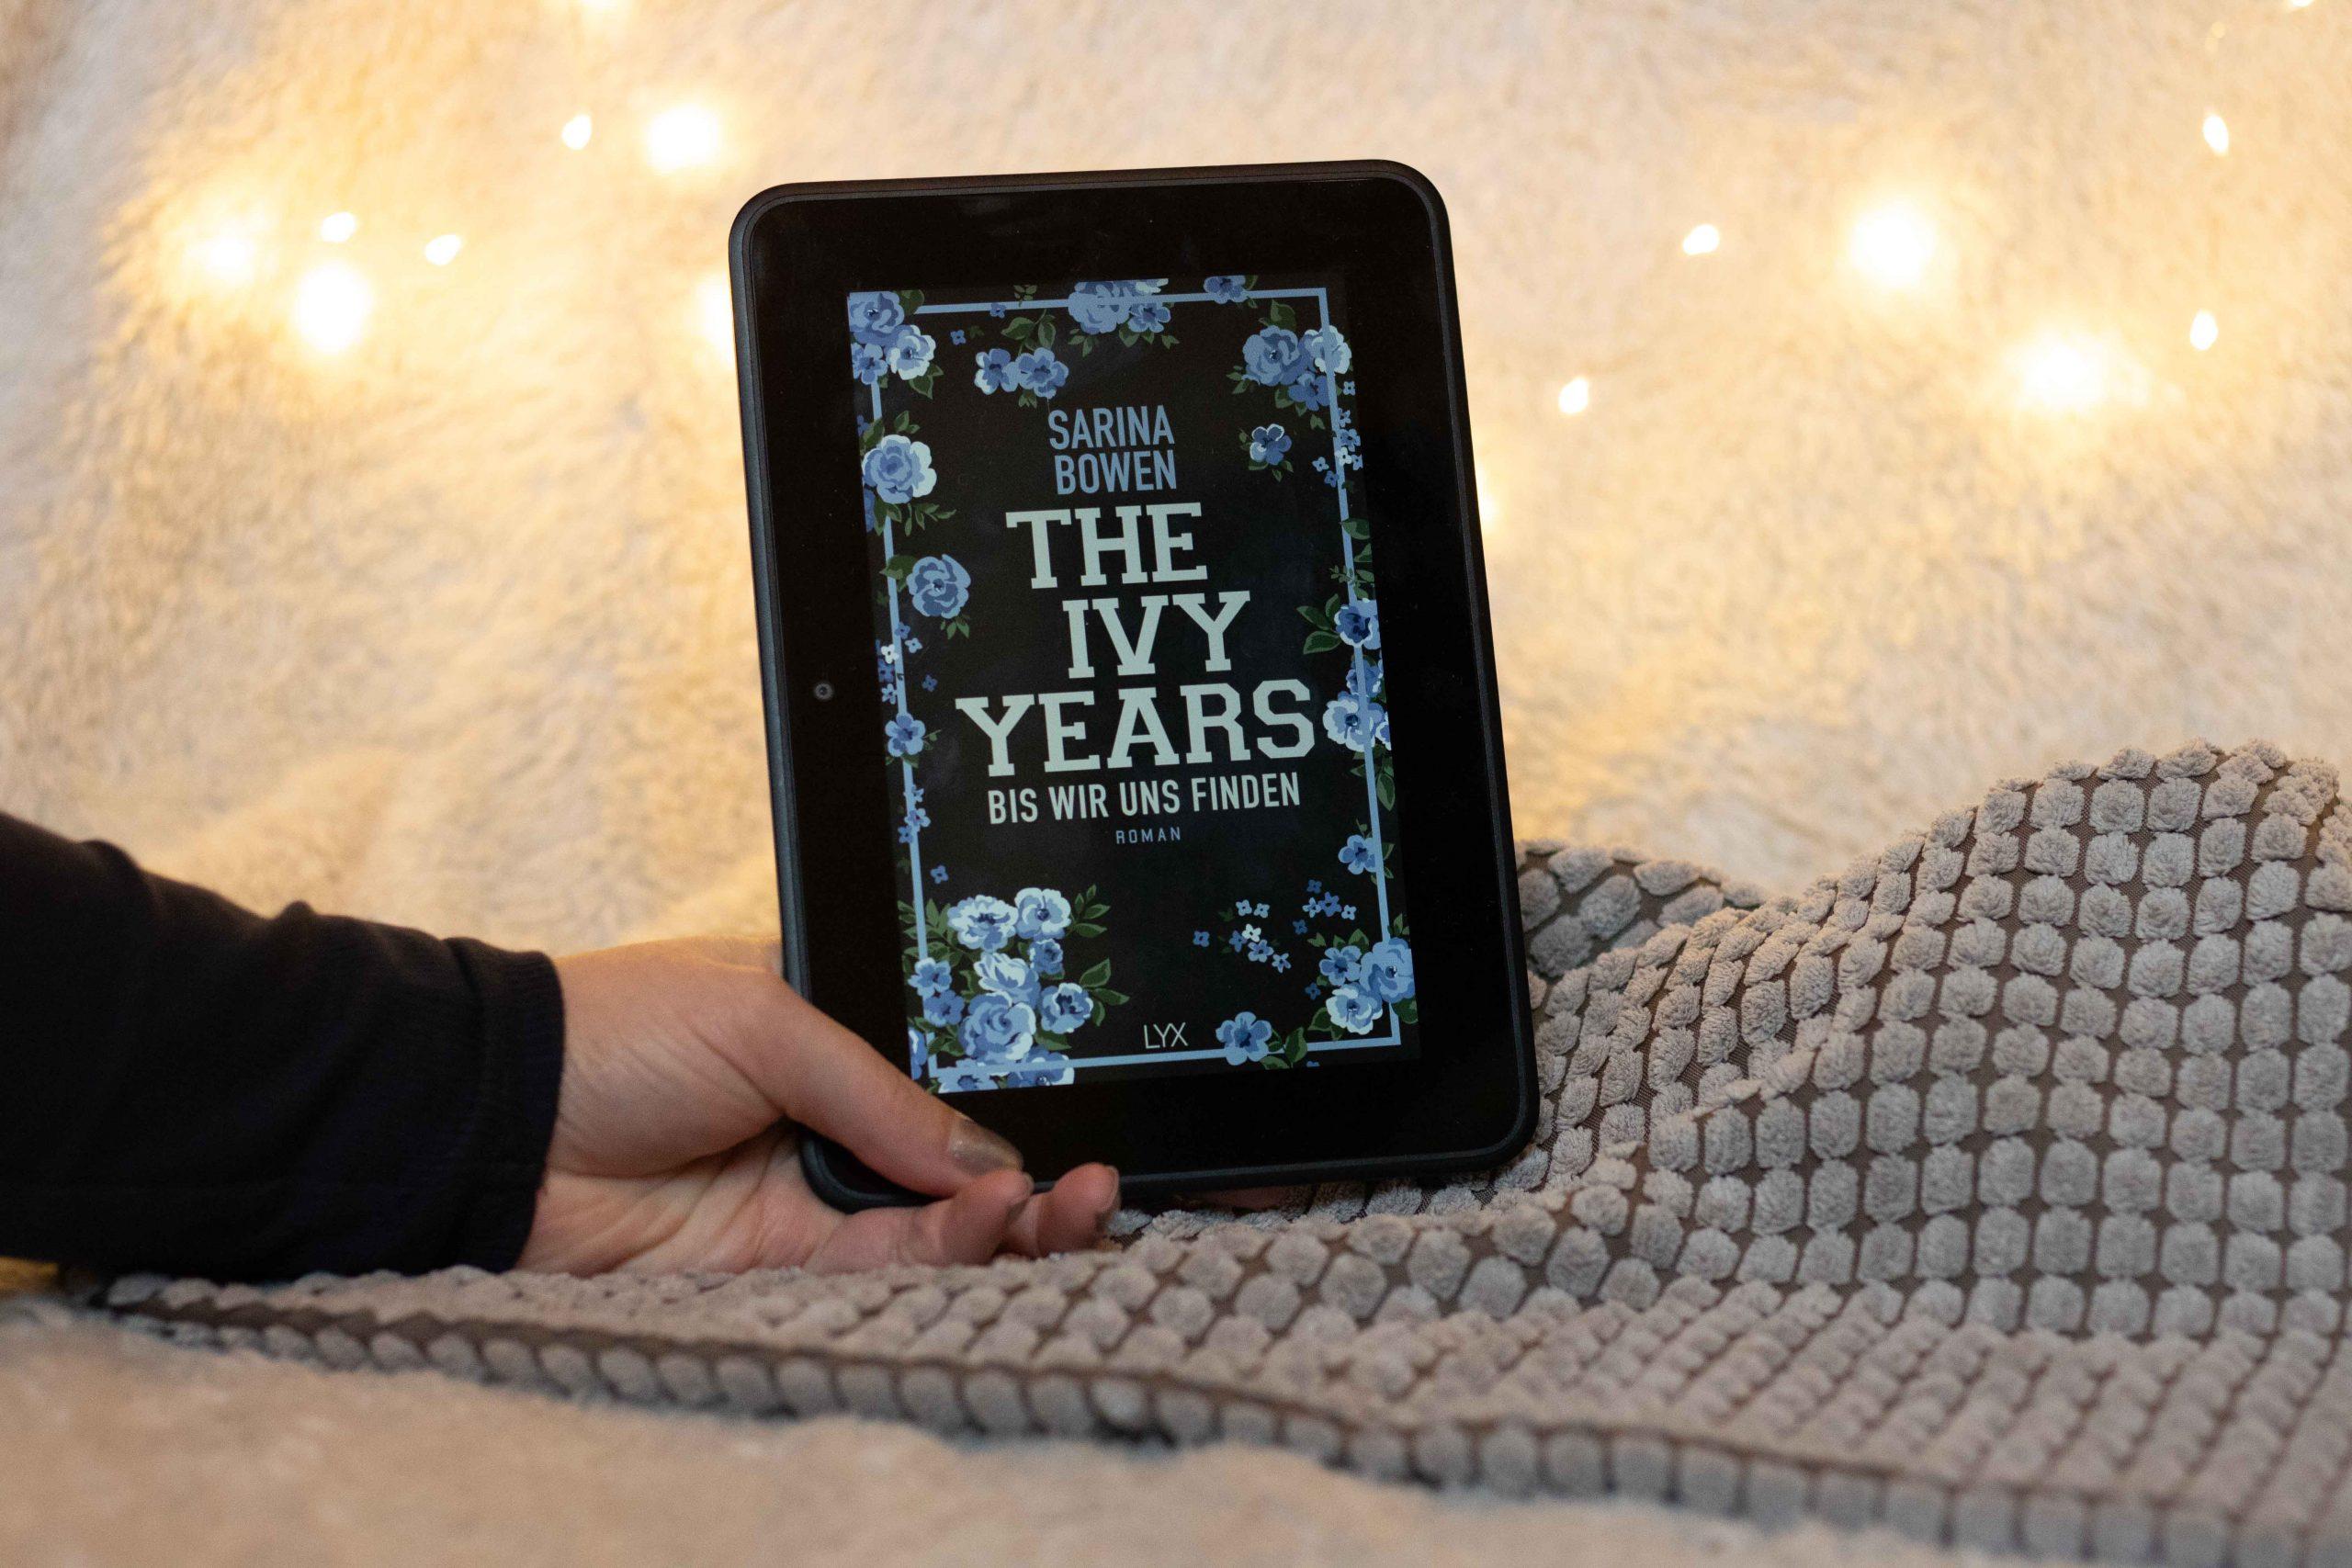 The Ivy Years – Bis wir uns finden | Sarina Bowen